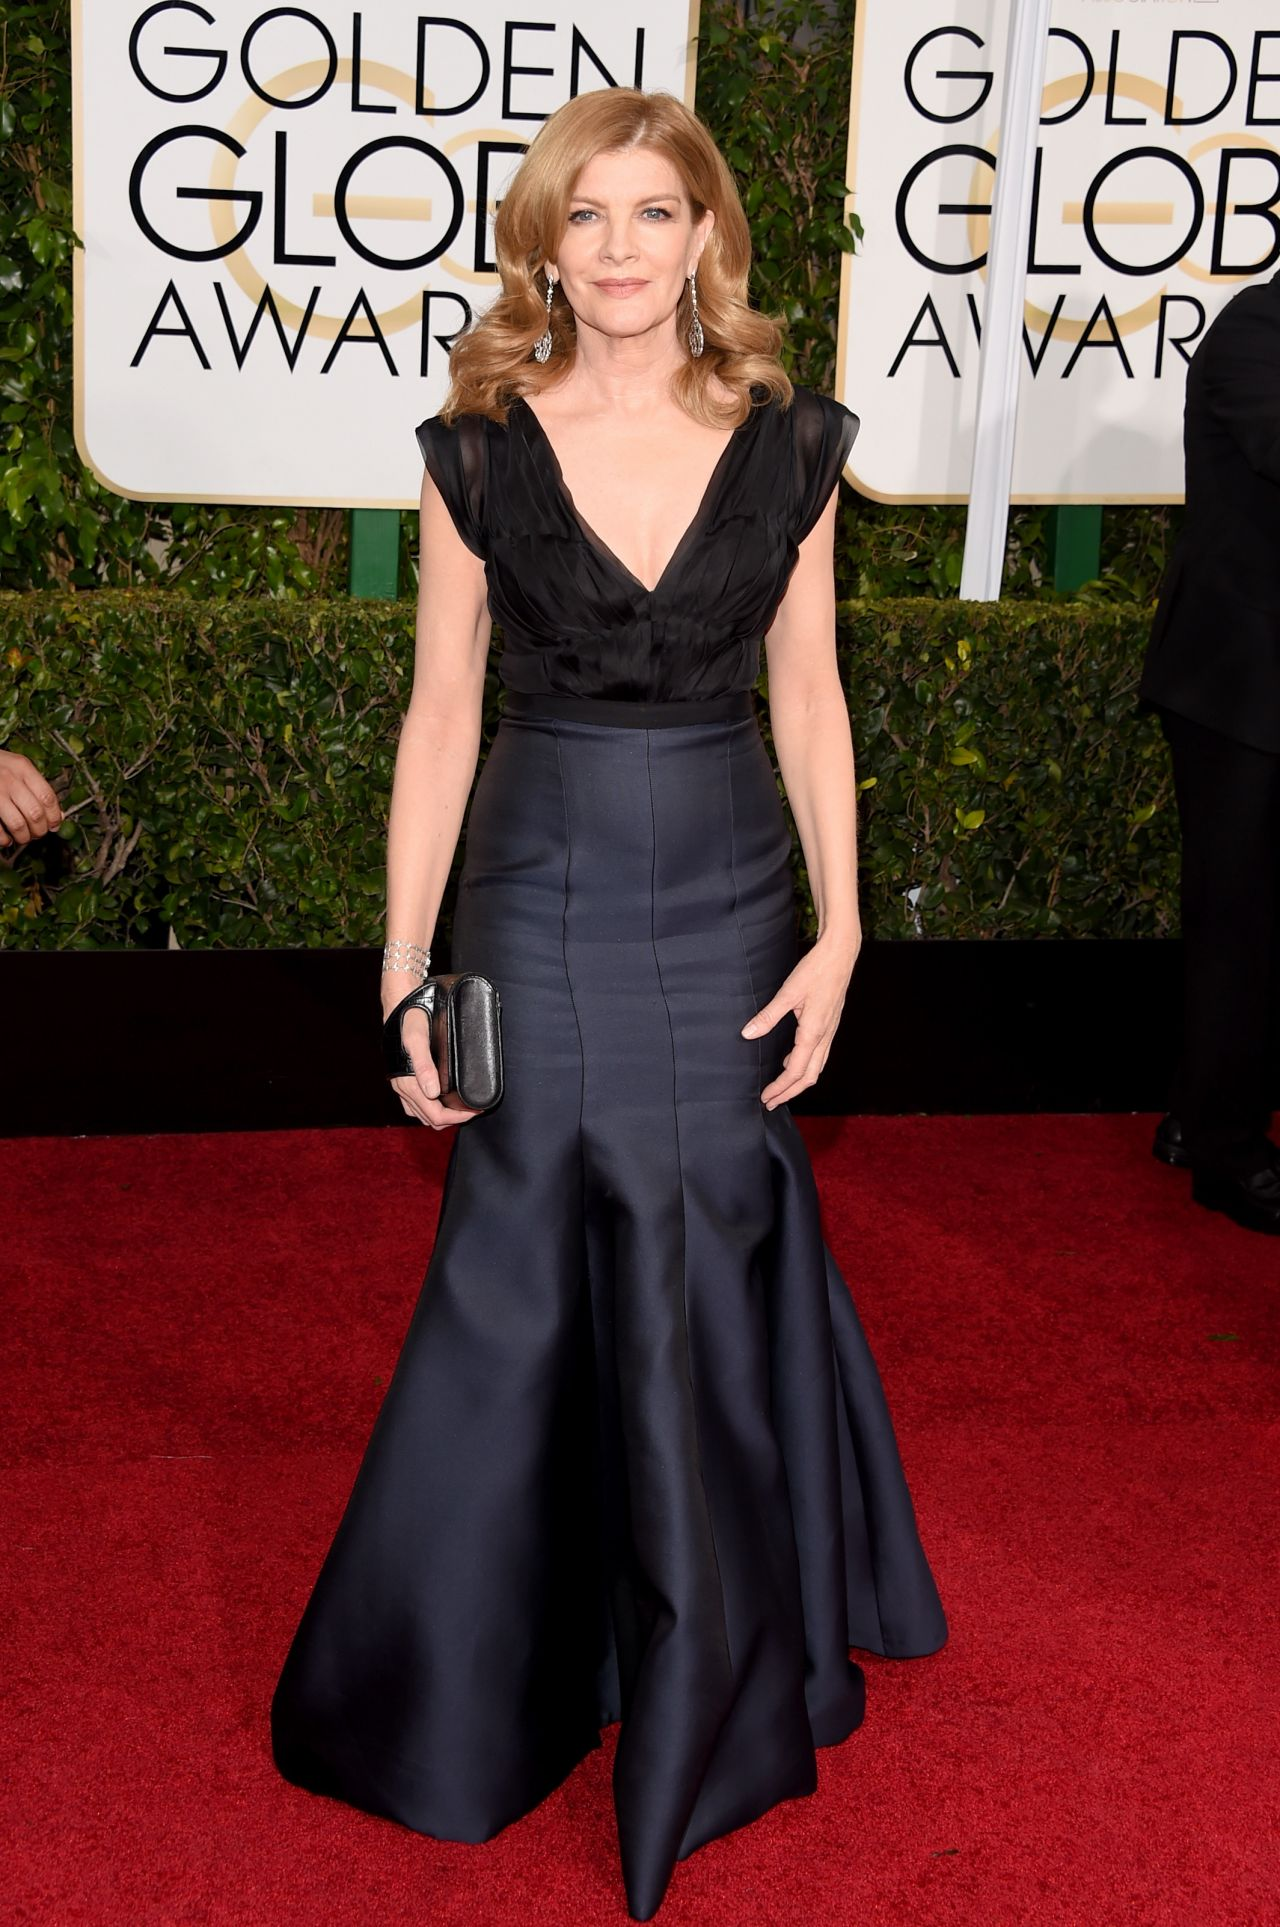 Rene Russo  2015 Golden Globe Awards in Beverly Hills